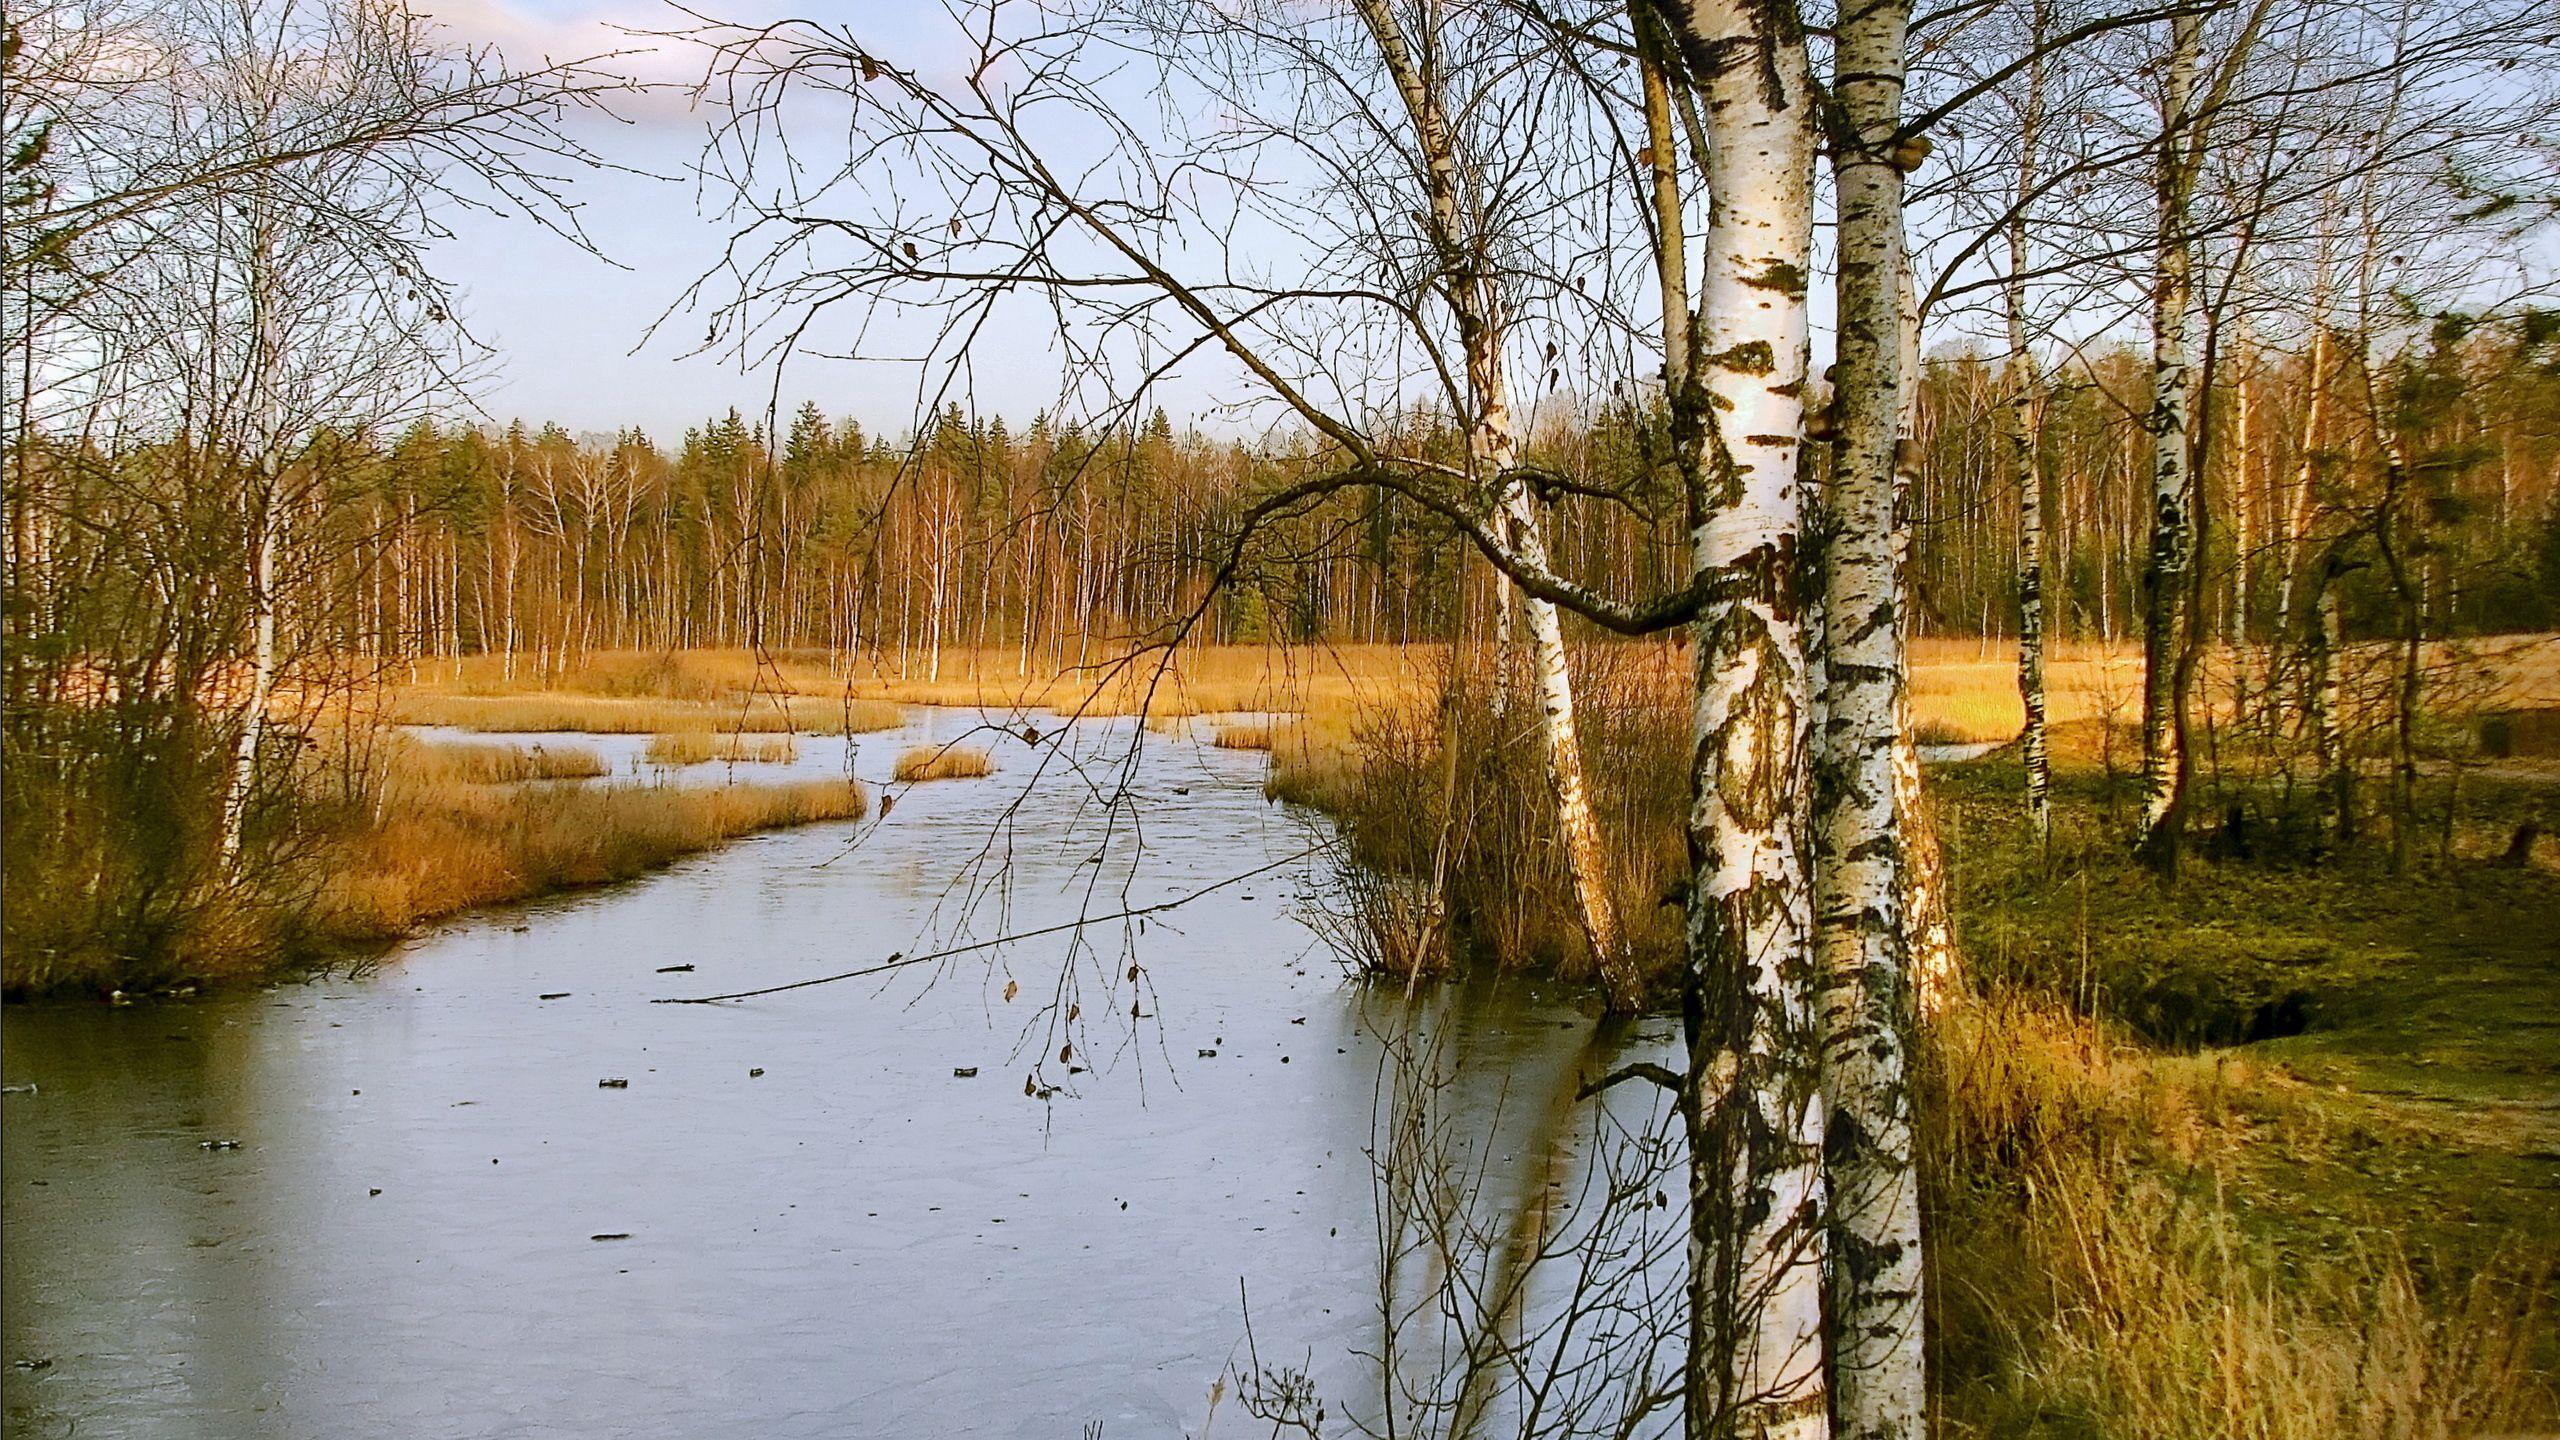 132890 скачать обои Река, Пейзаж, Природа, Осень, Березы - заставки и картинки бесплатно